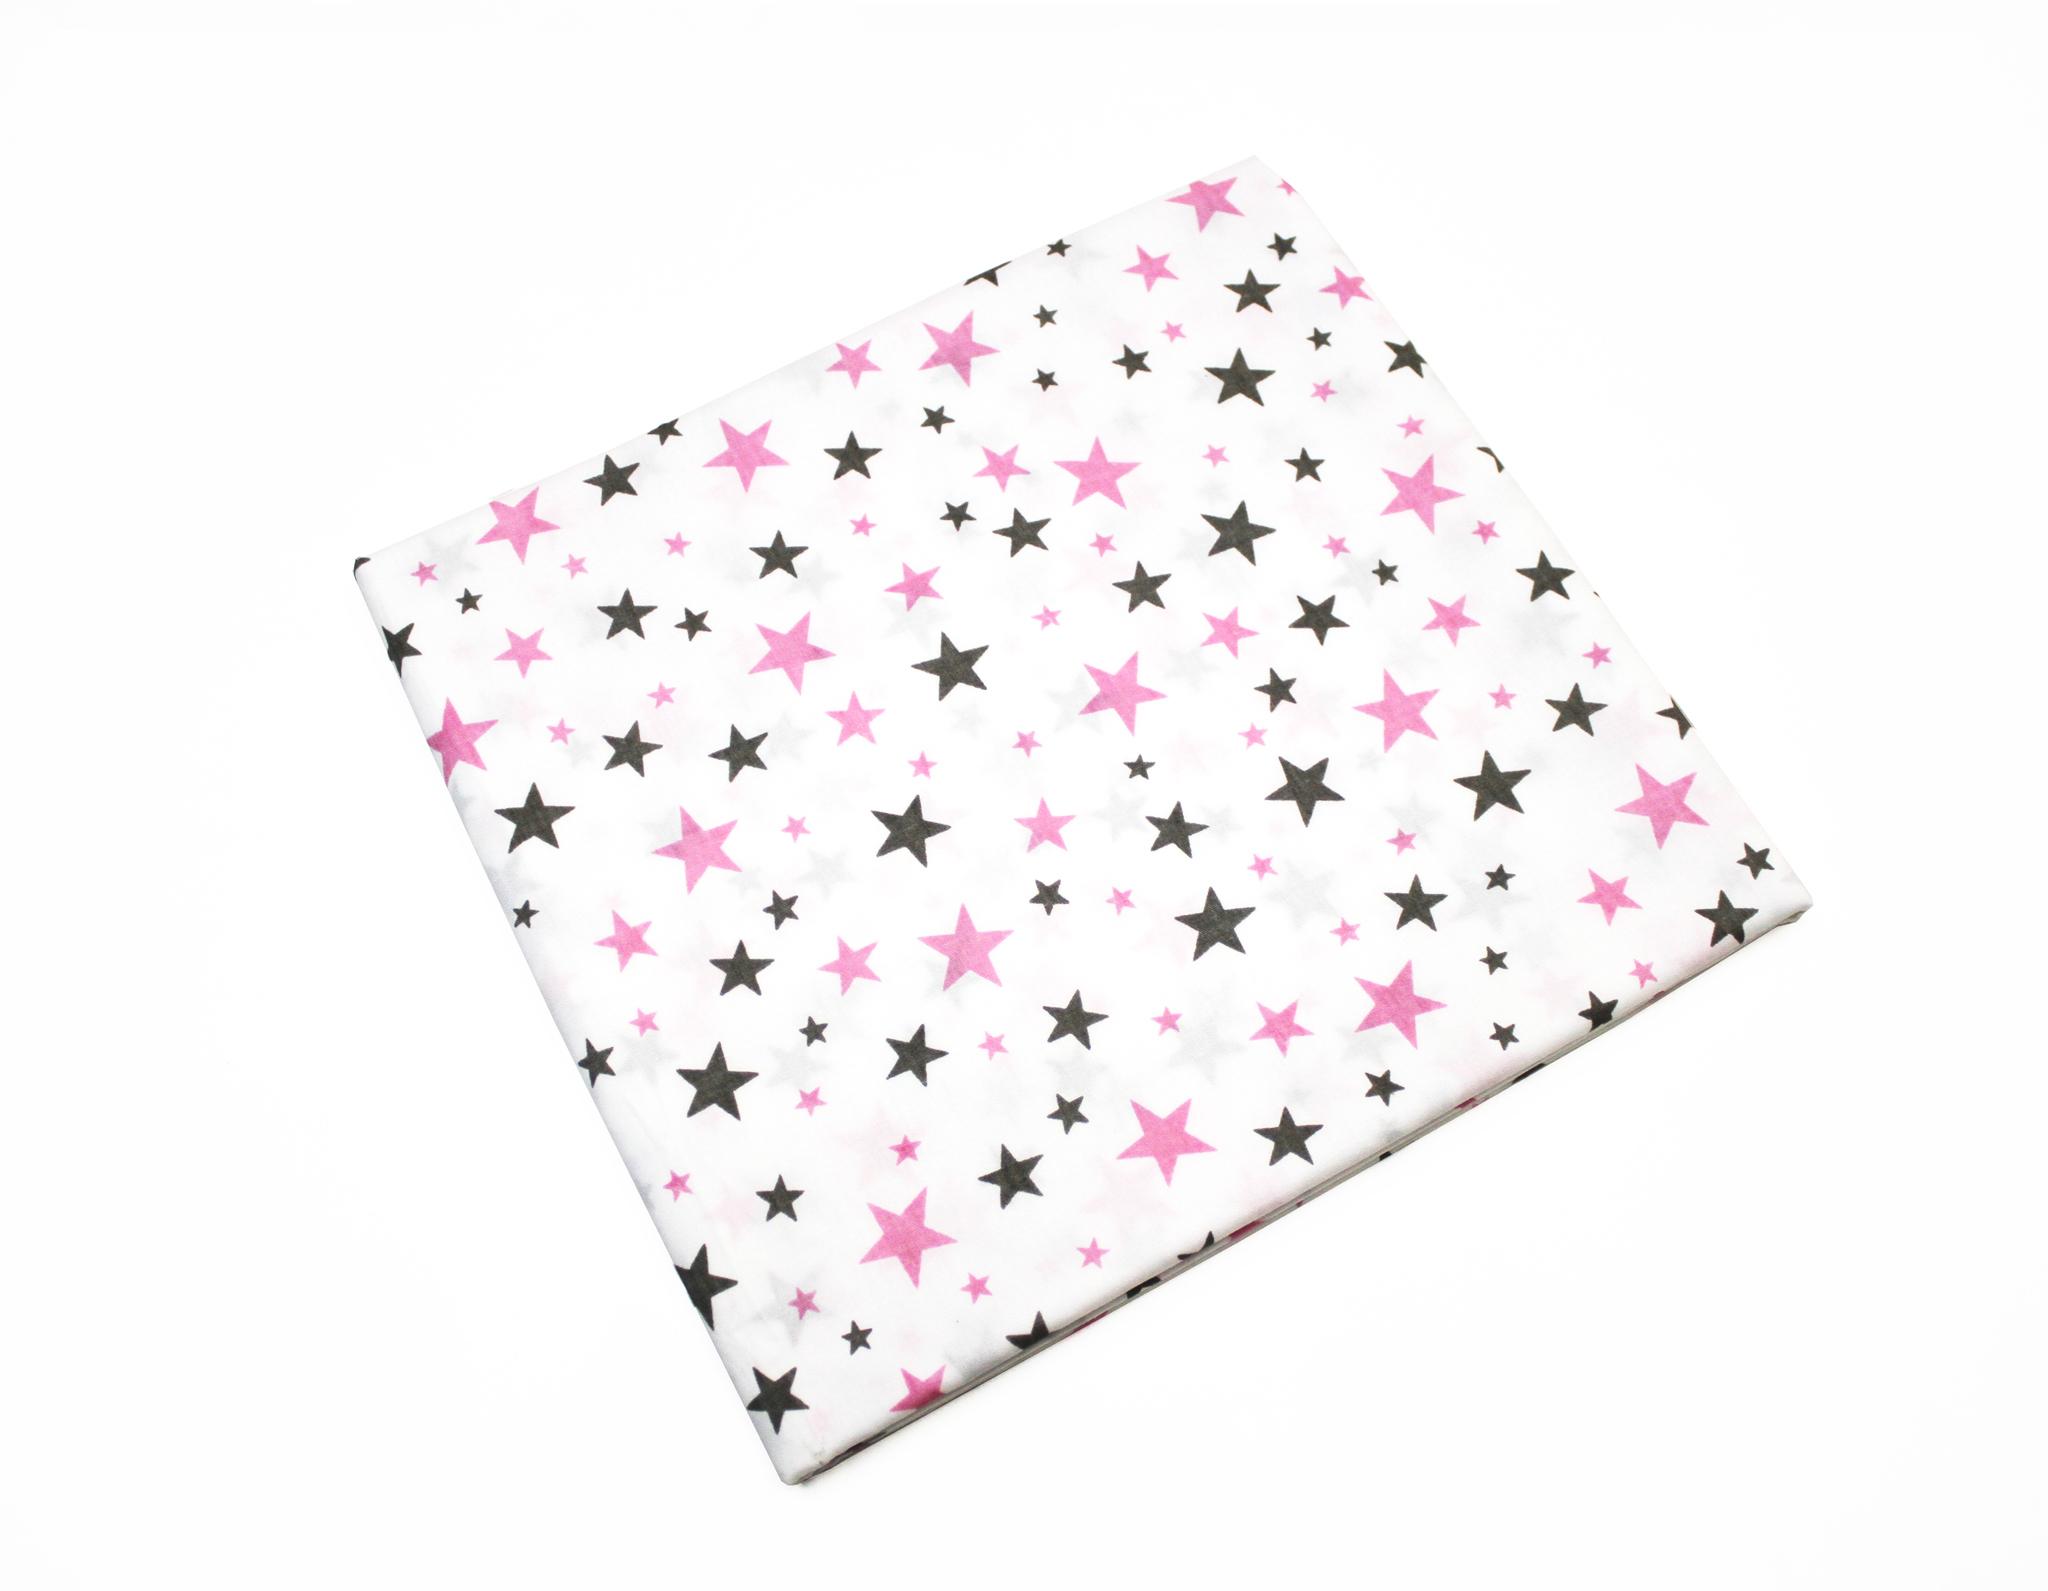 Звезды серо-розовые,мелкие